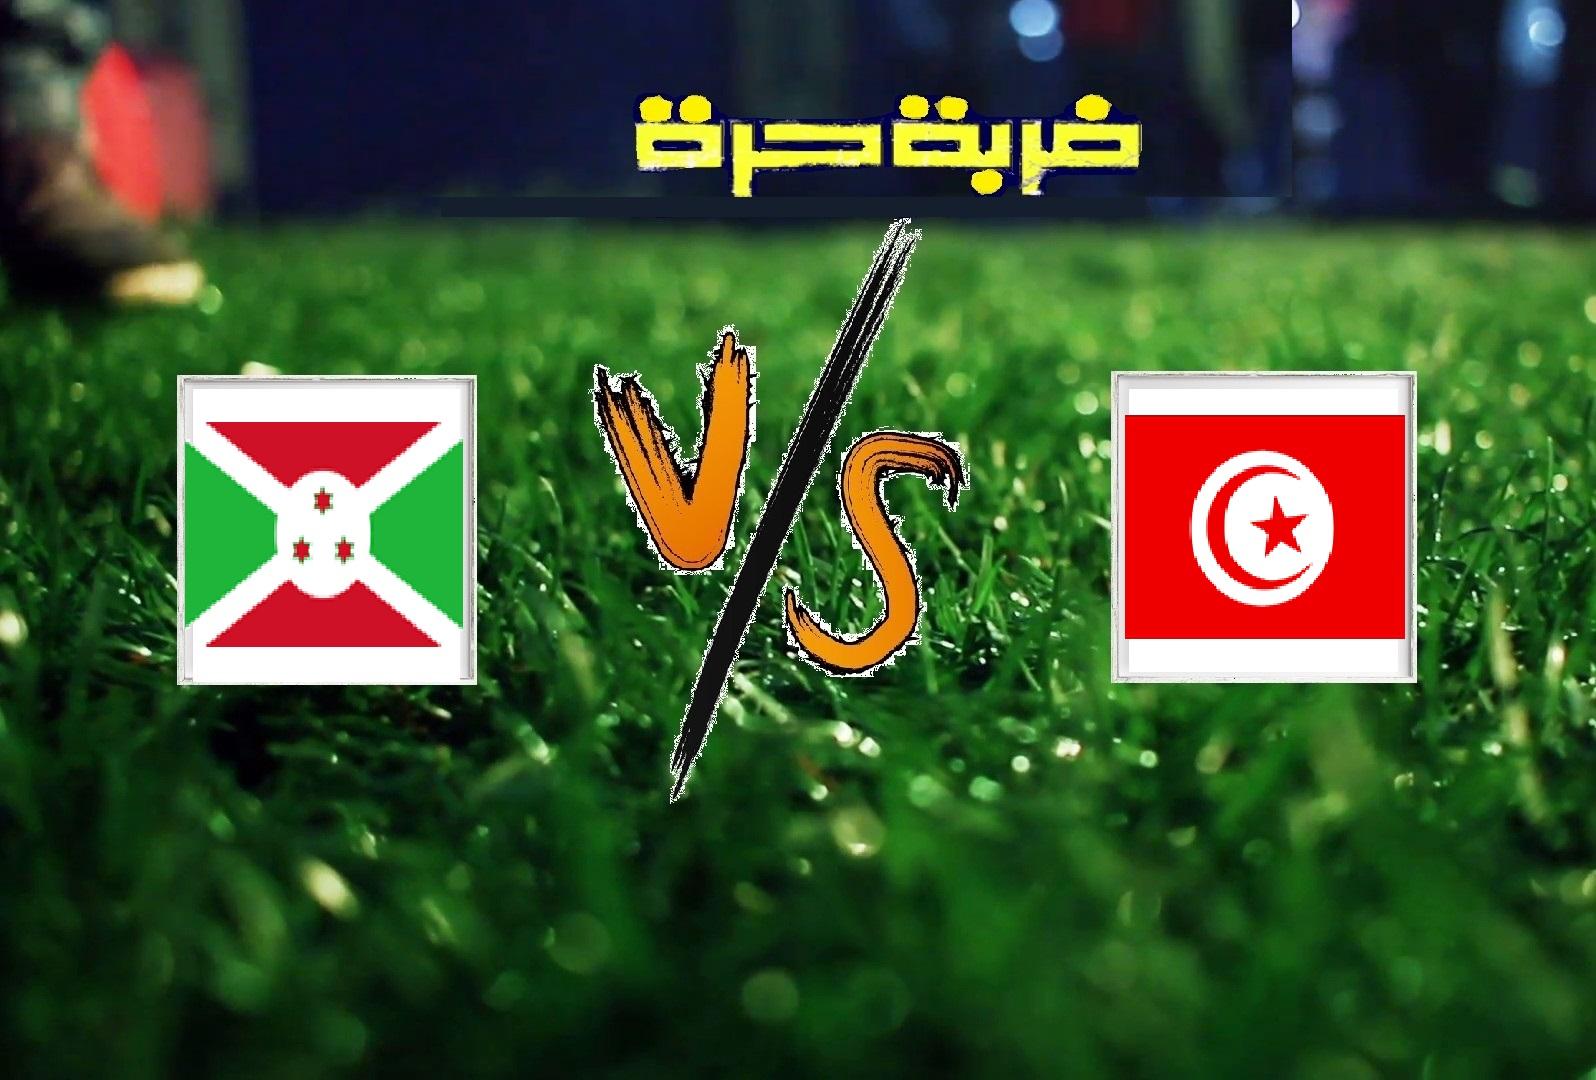 نتيجة مباراة تونس وبوروندي اليوم الاثنين بتاريخ 17-06-2019 مباراة ودية